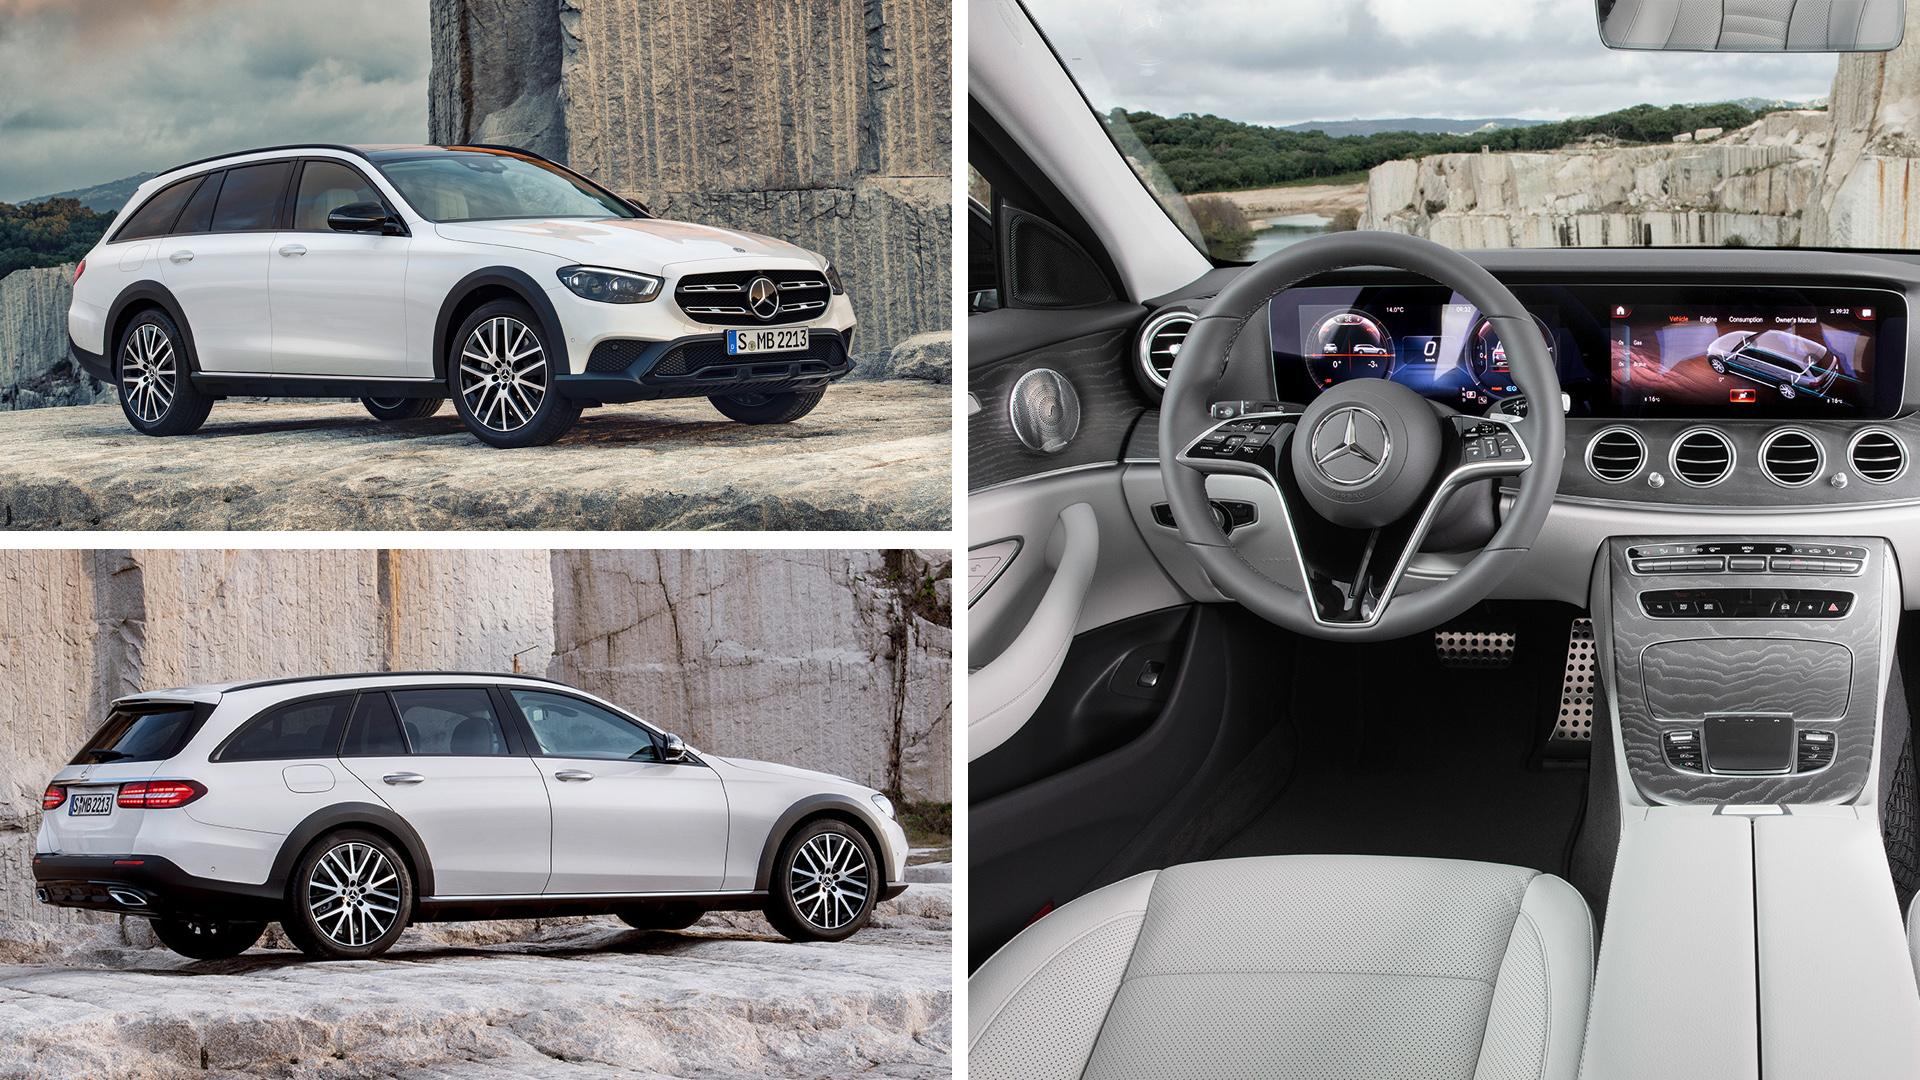 Mercedes-Benz e-class 2021 all-terrain